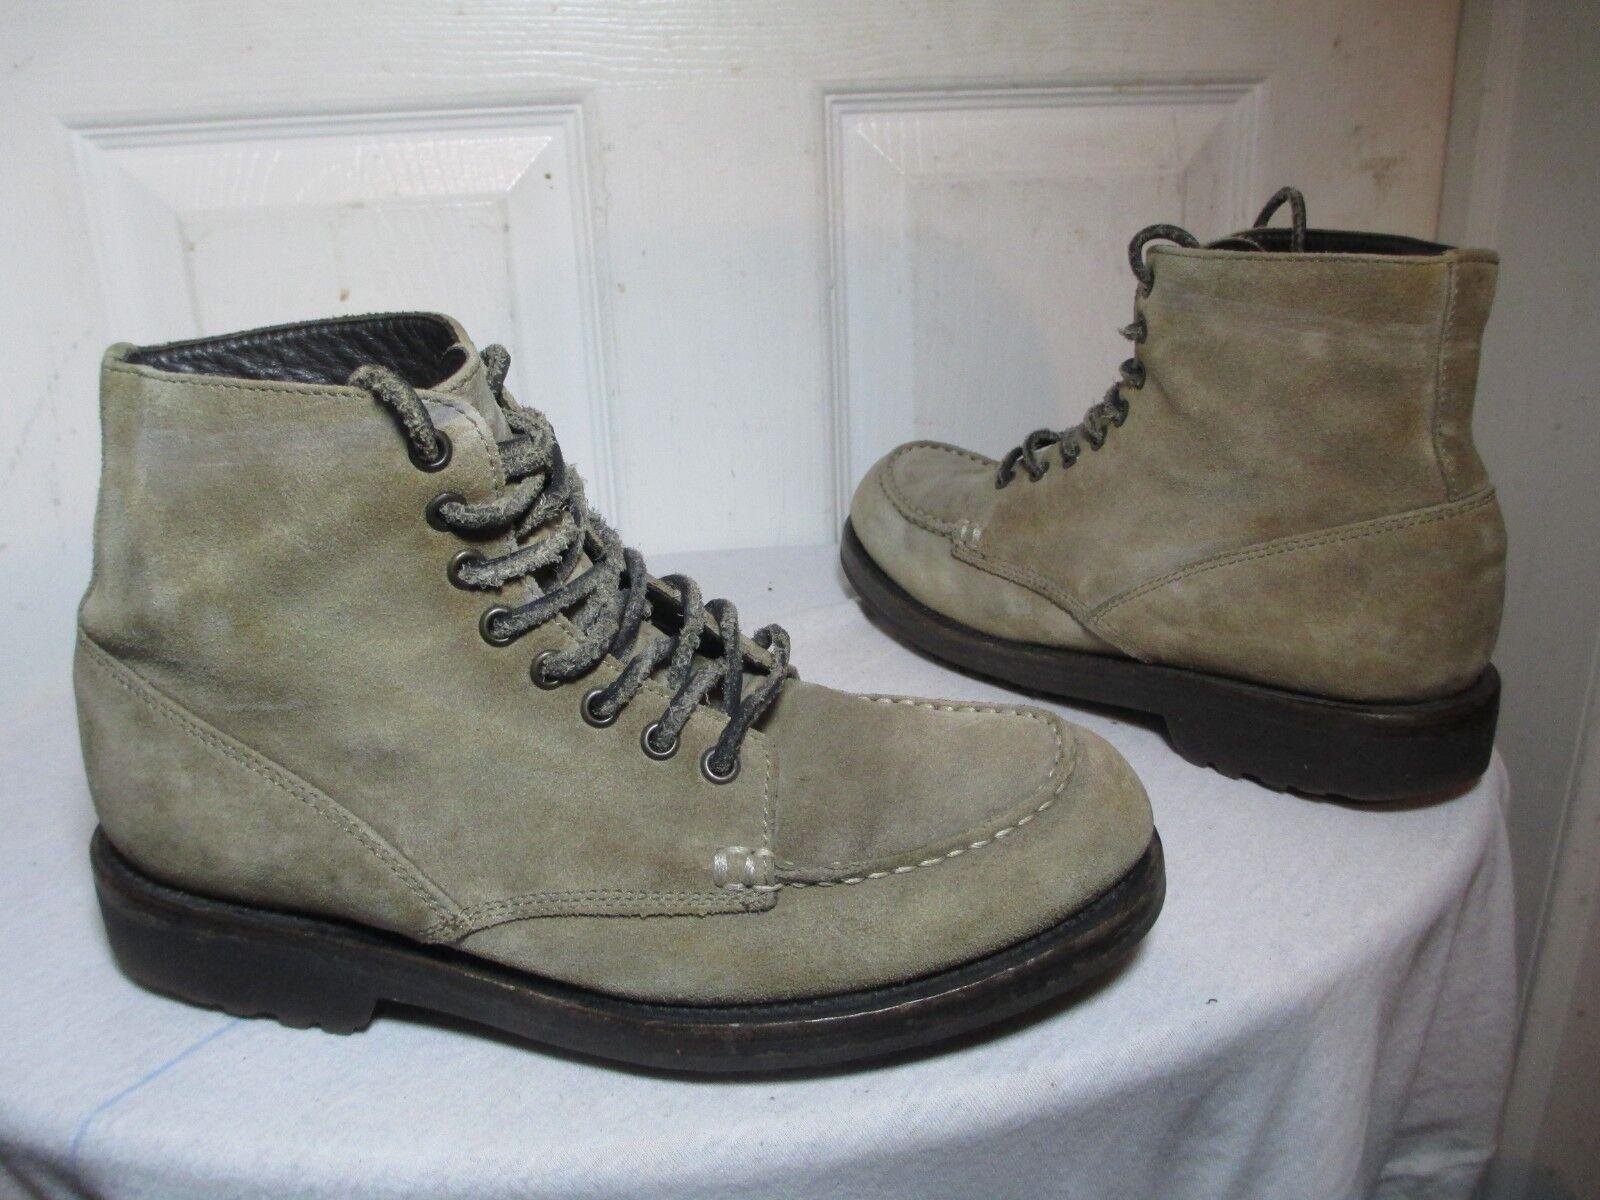 BUTERO B3802 para hombre gris Gamuza Moc Toe Con Cordones Trabajo botas 42 US 9 Made in